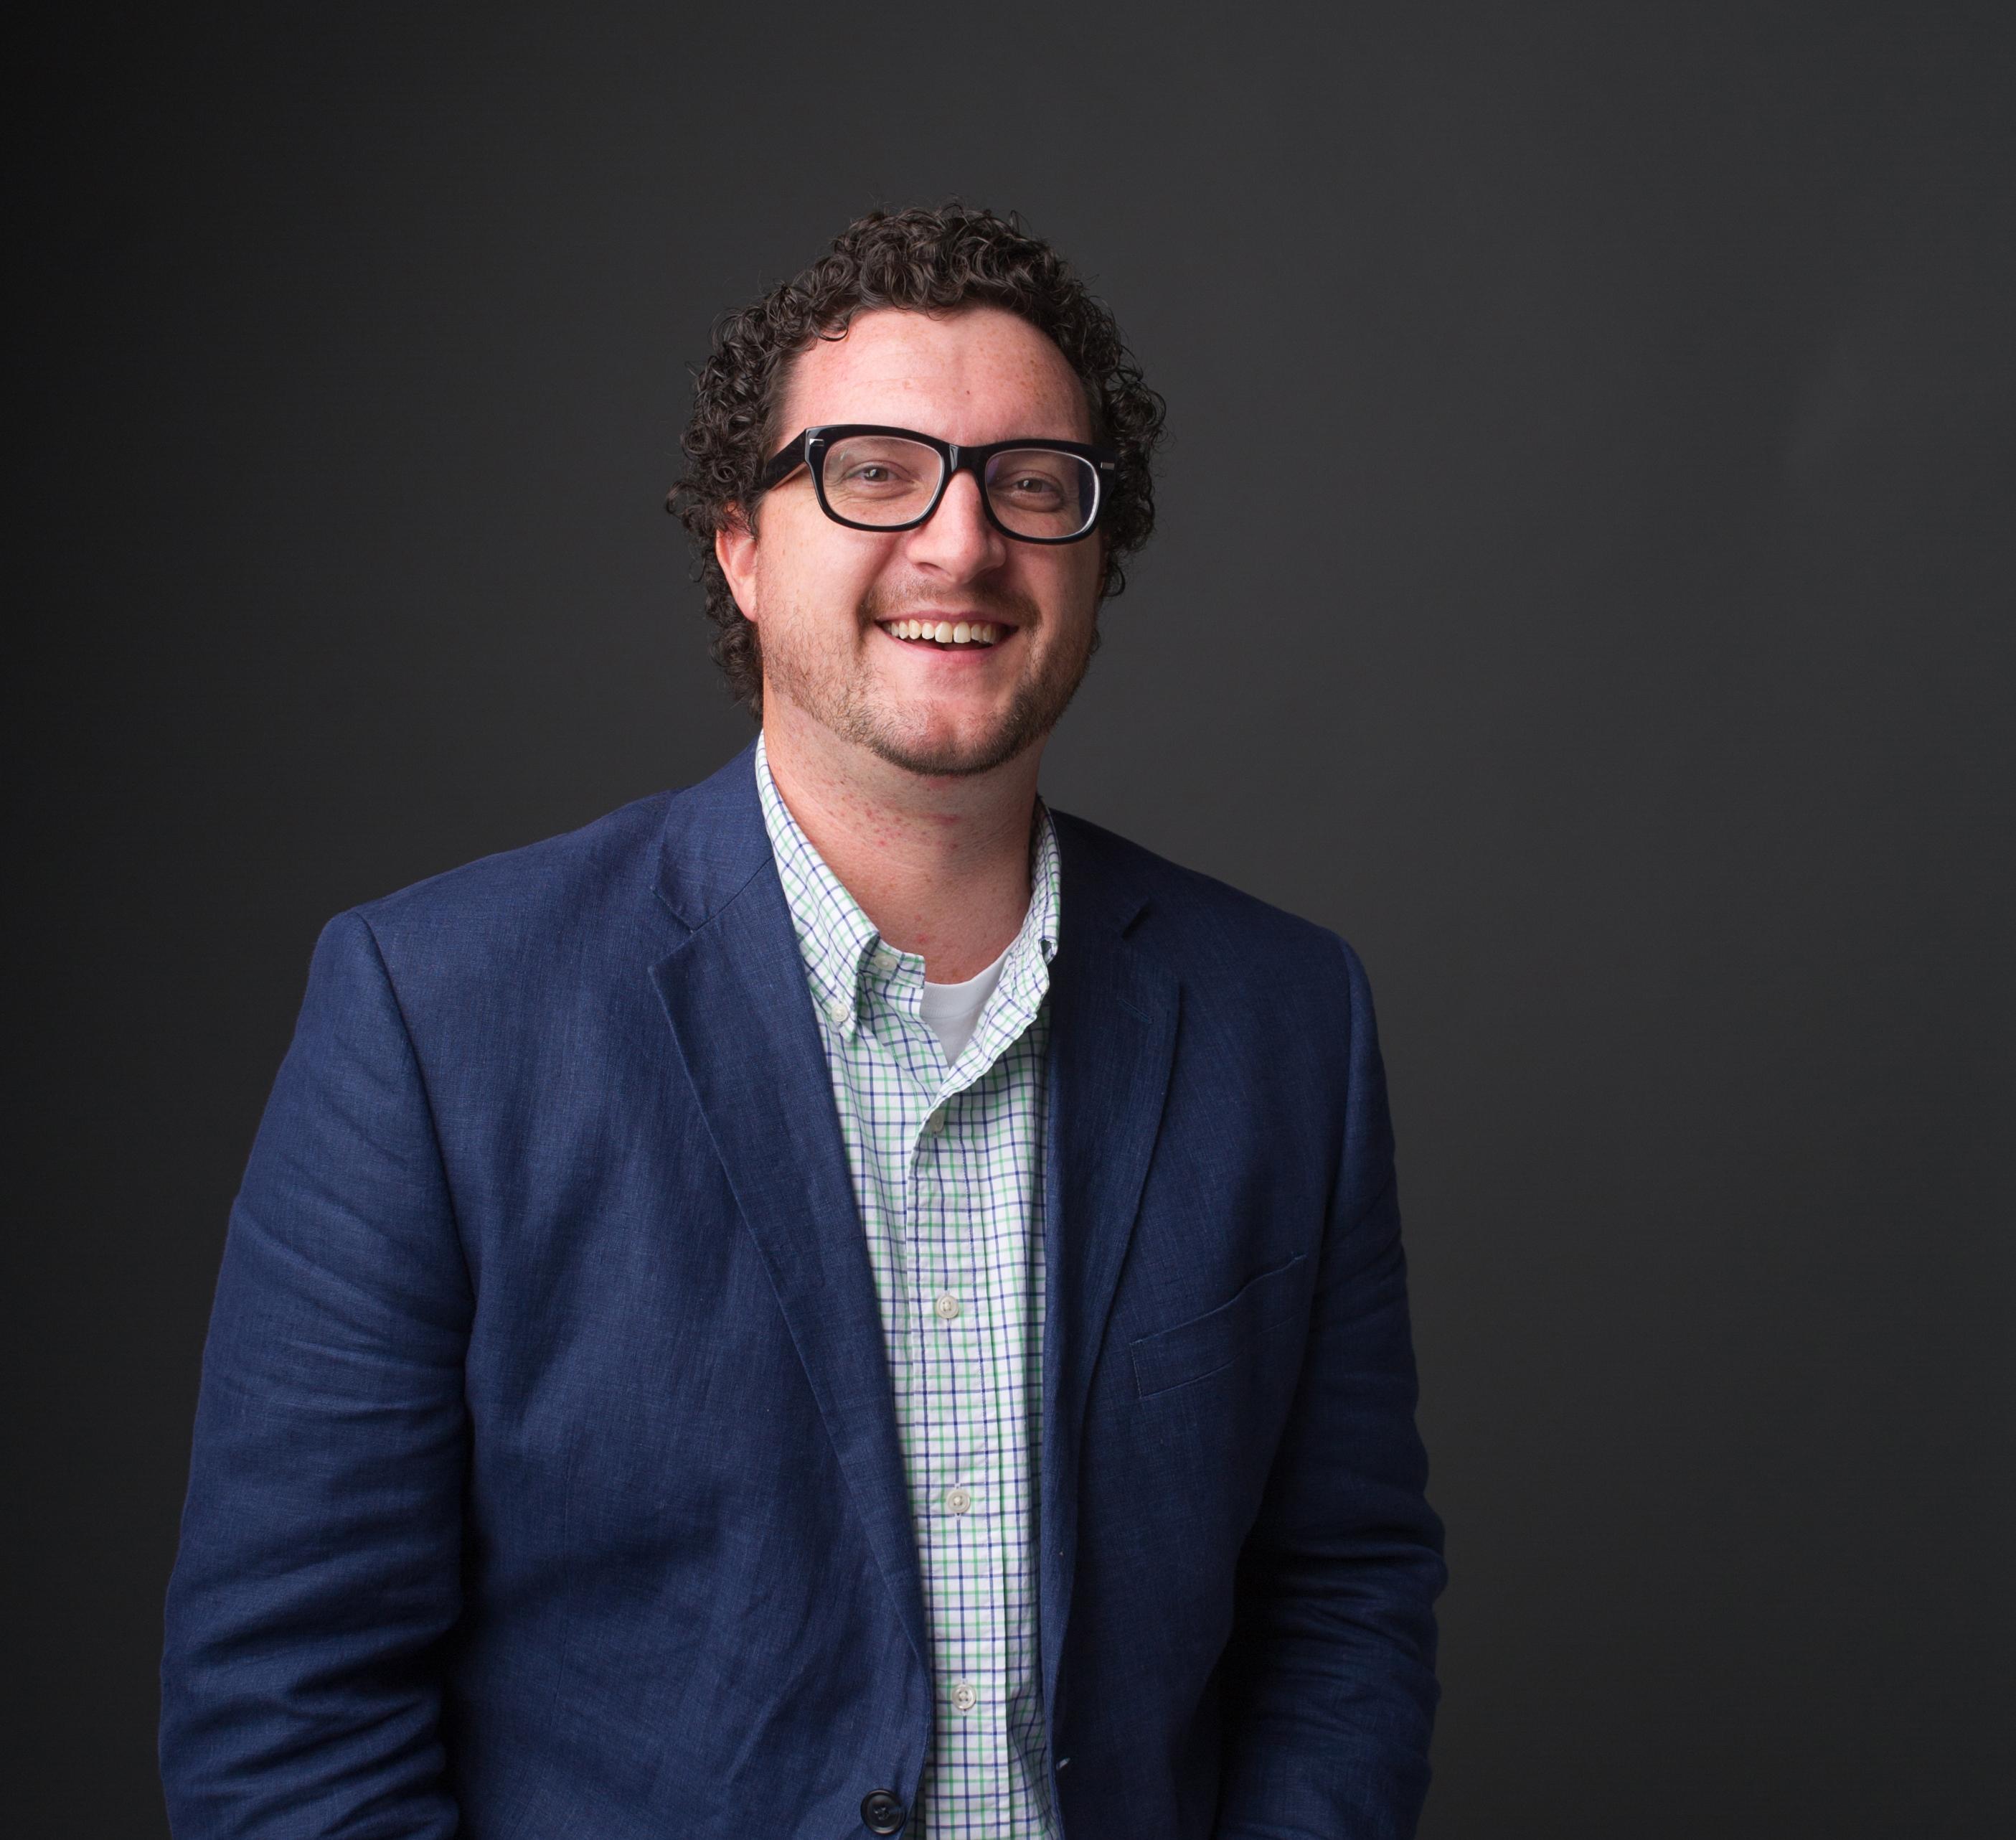 Portrait of Adam Martin